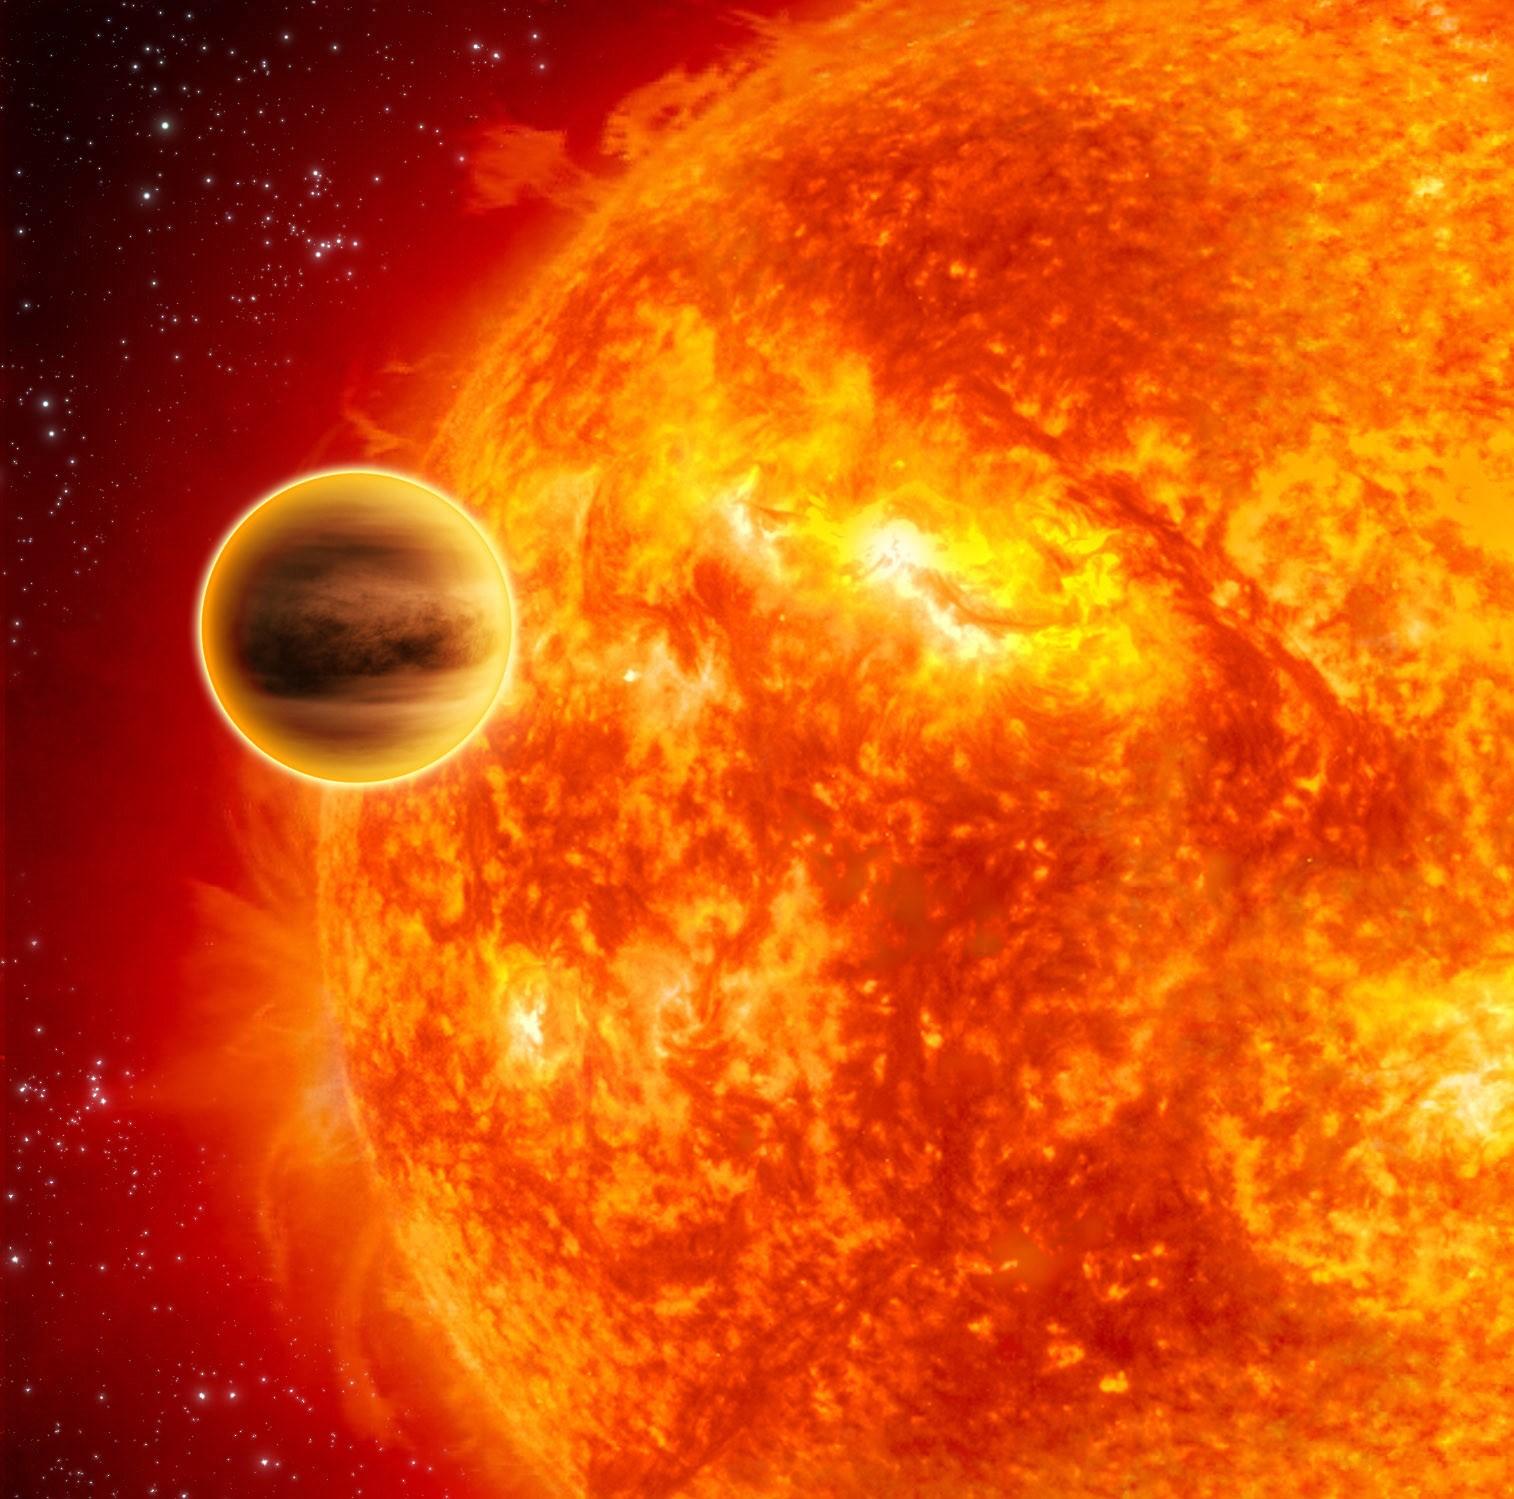 Figli di Ra, figli di Zeus: partenogenesi stellare all'origine del nostro Sole, di Giove e di Saturno – Il Poliscriba